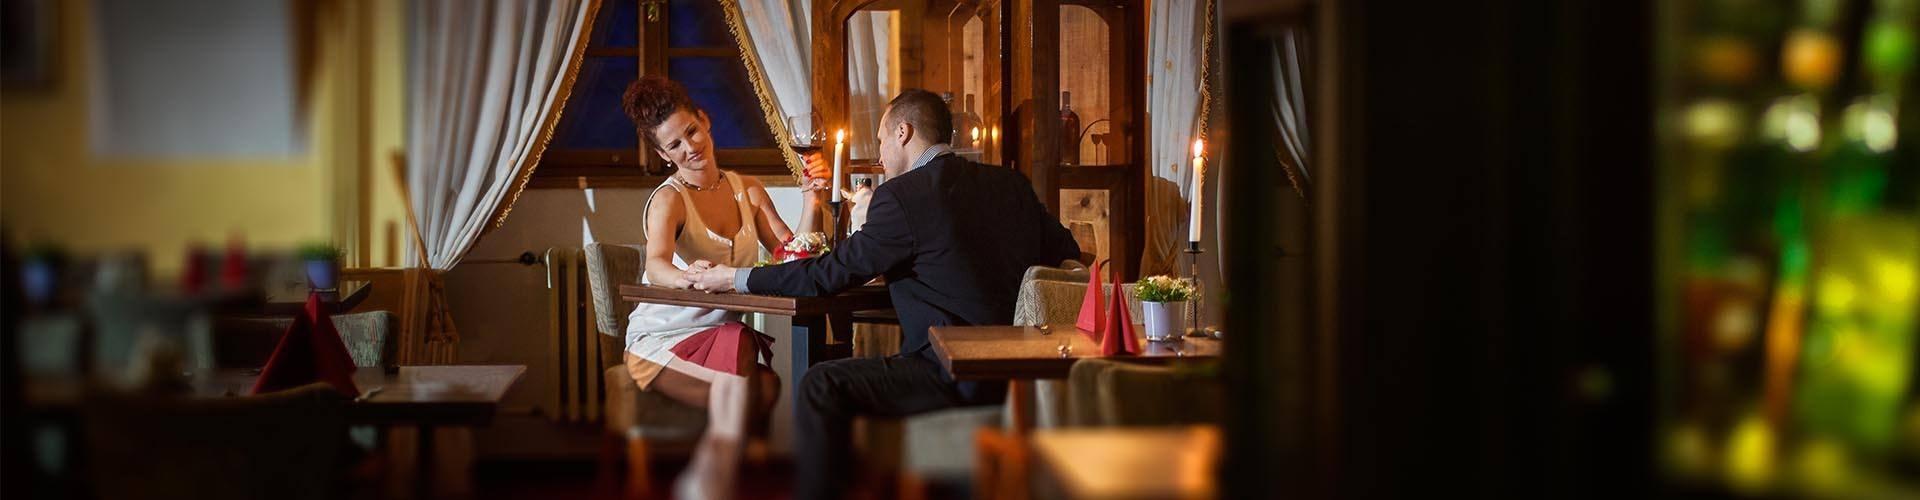 Restaurace hotelu Maxmilián